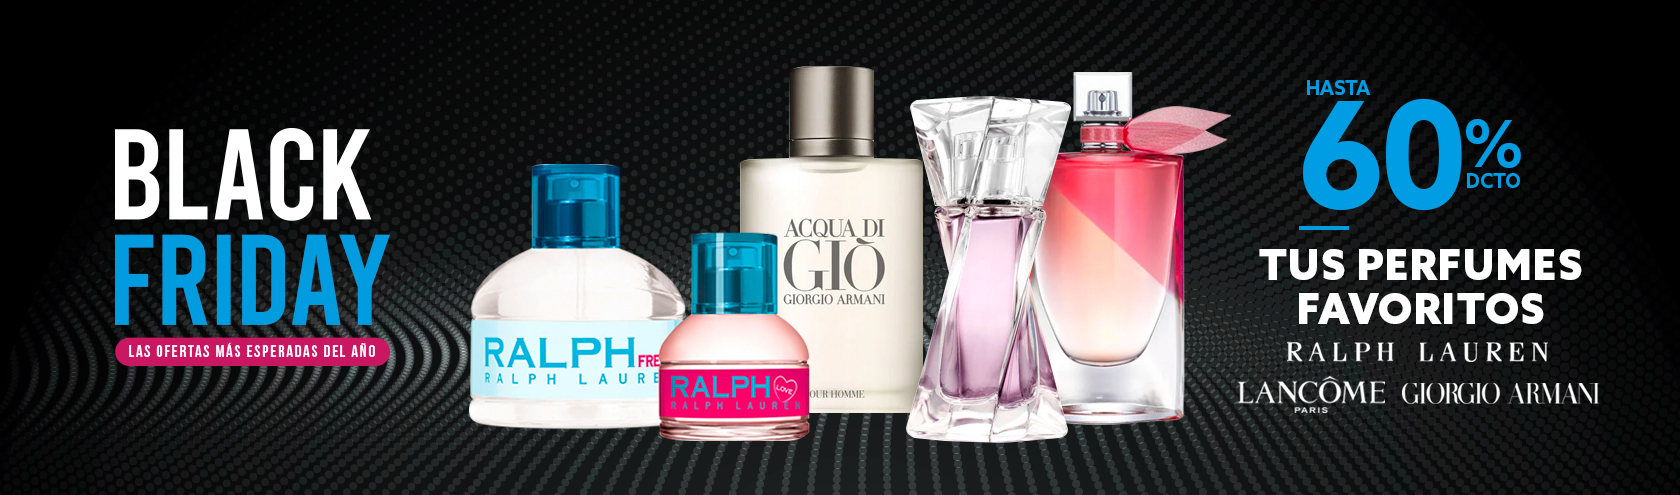 Hasta 60 porciento de descuento Tus Perfumes Favoritos